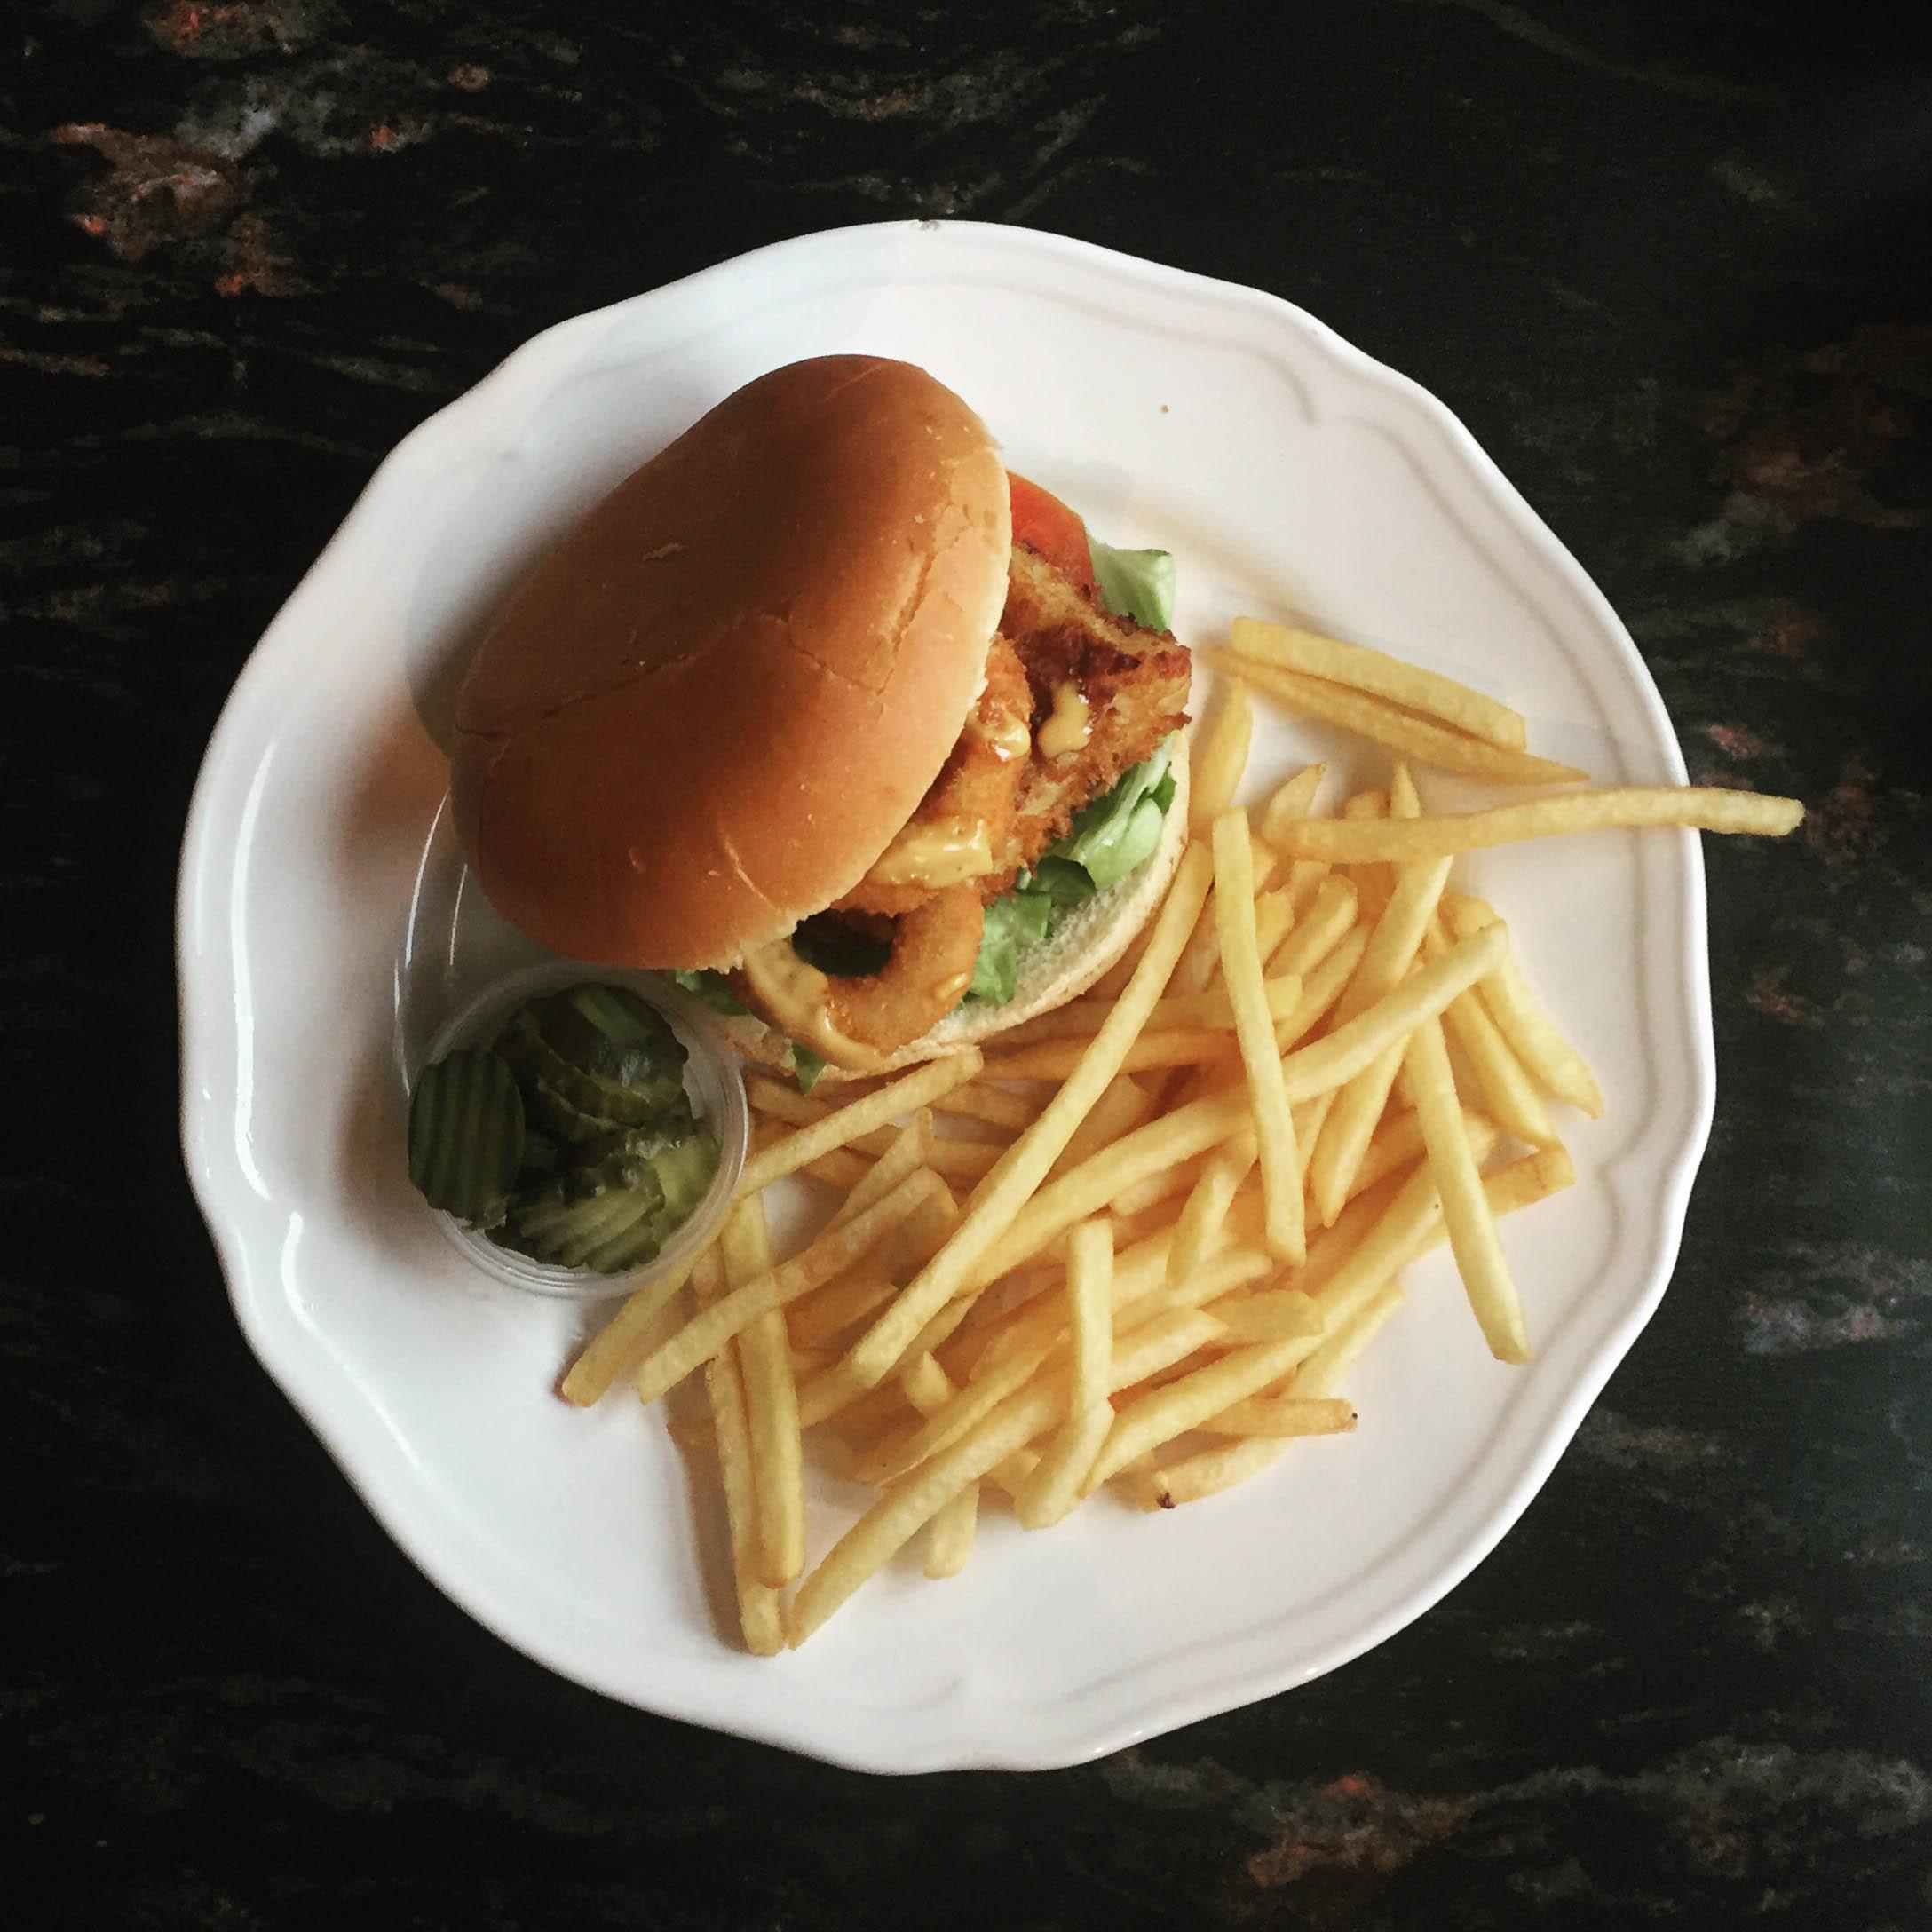 The fish burger at Prikid.